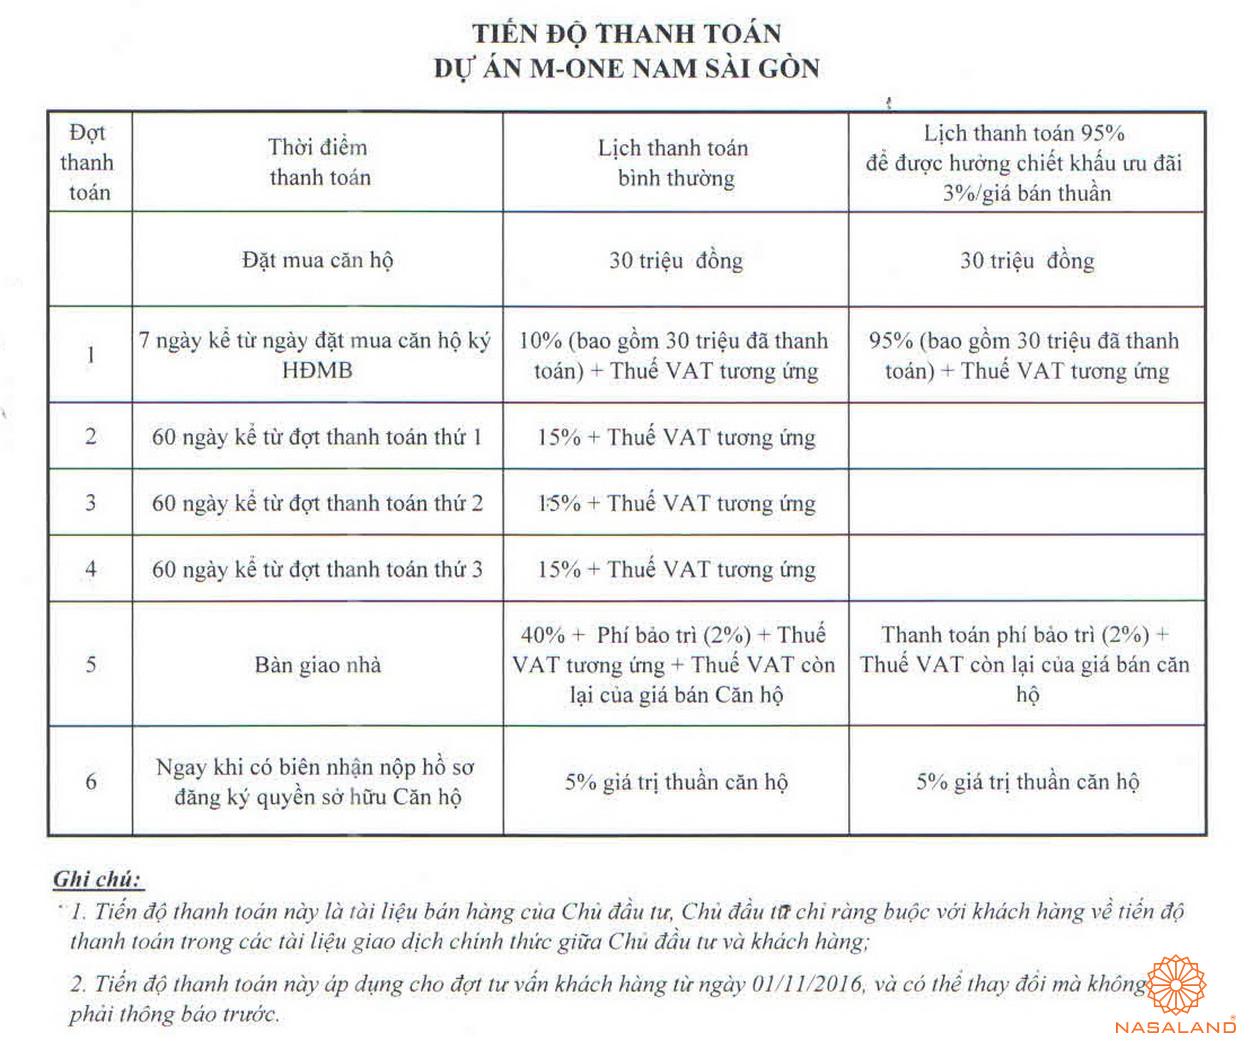 Thanh toán dự án M-One Nam Sài Gòn